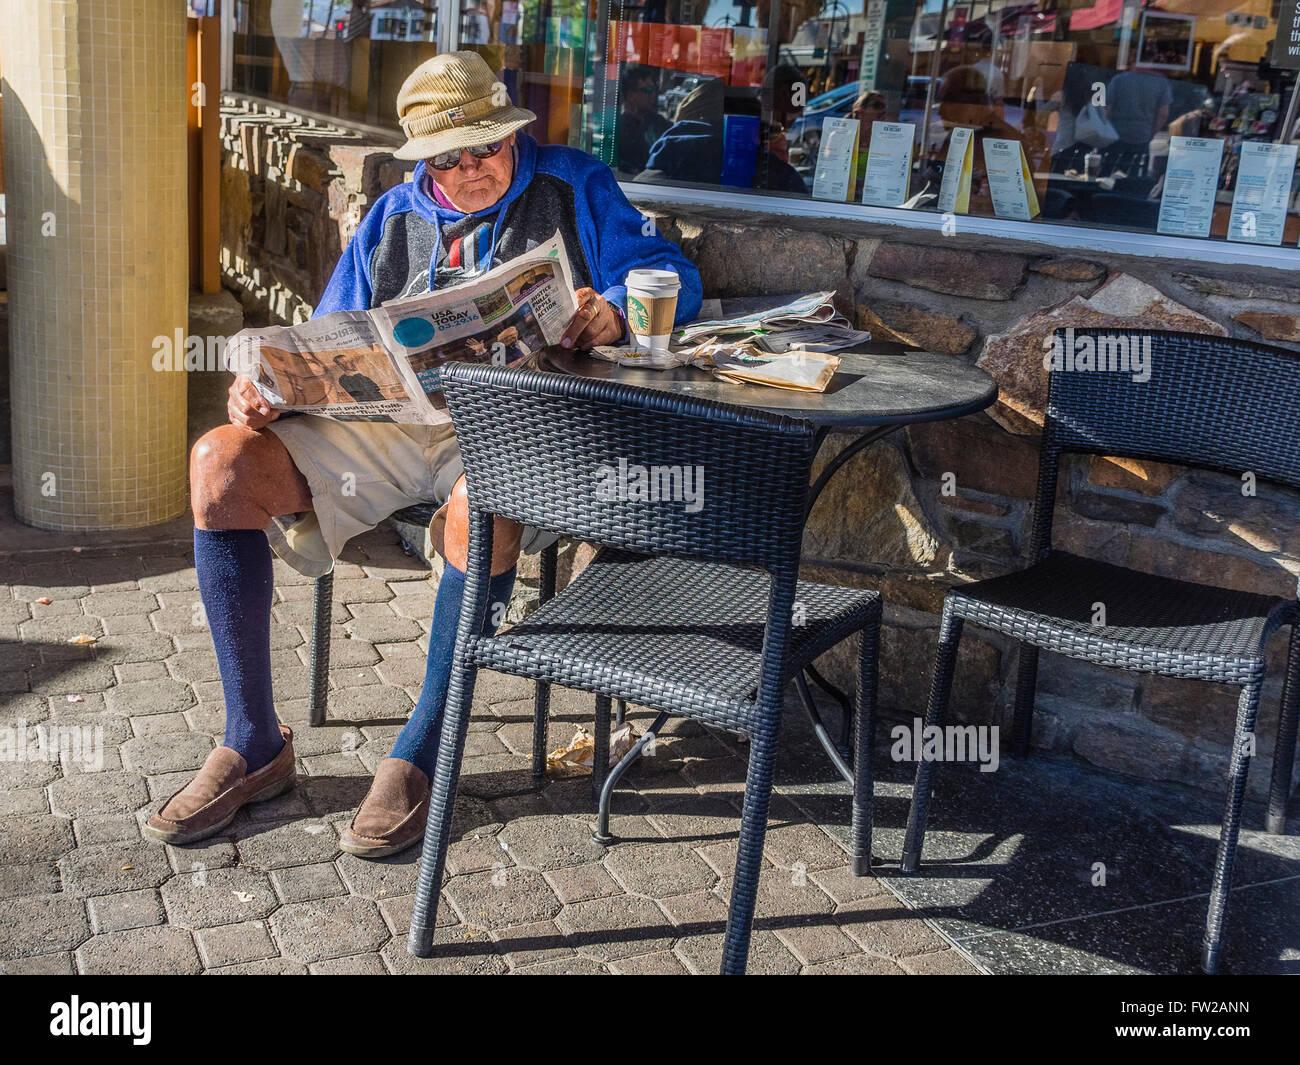 Männliche Senioren Lesen einer Zeitung in einem Café im frühen Morgenlicht. Stockbild